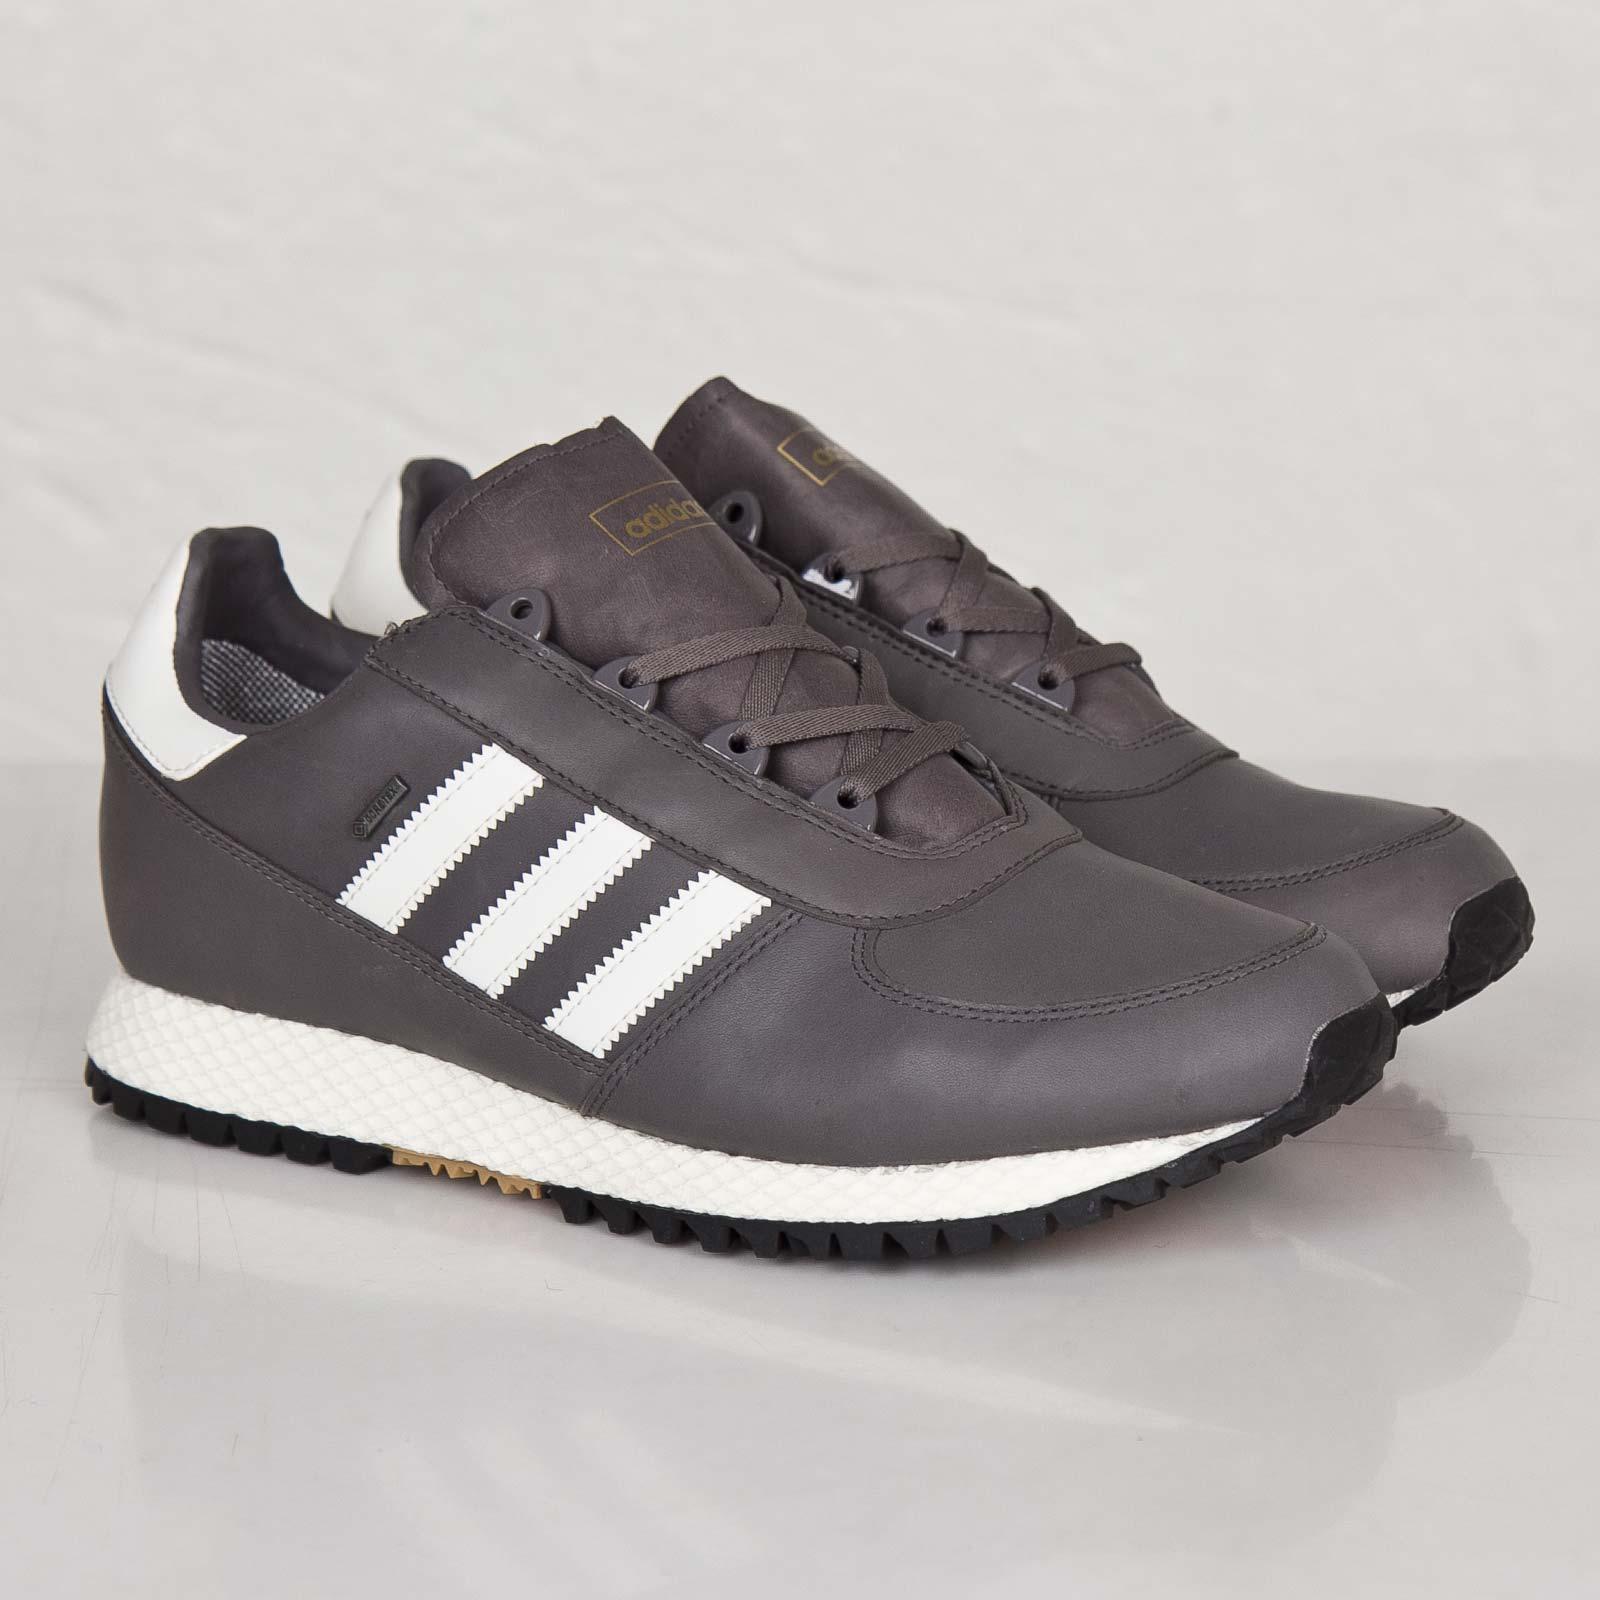 adidas Waterproof SPZL - B26030 - SNS | sneakers & streetwear ...